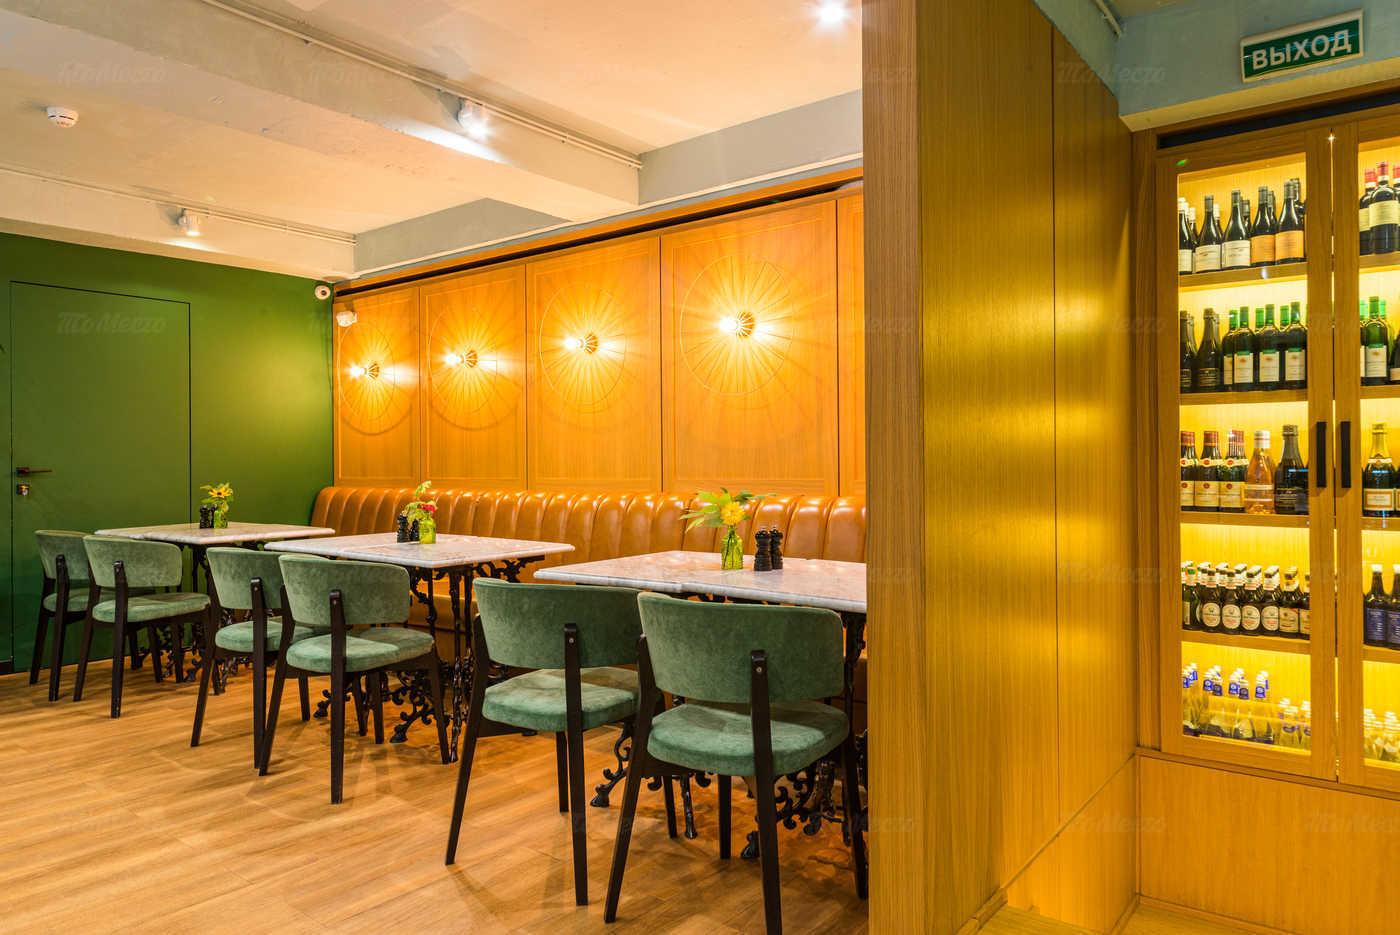 Ресторан Pate & Co на улице Балчуг фото 5